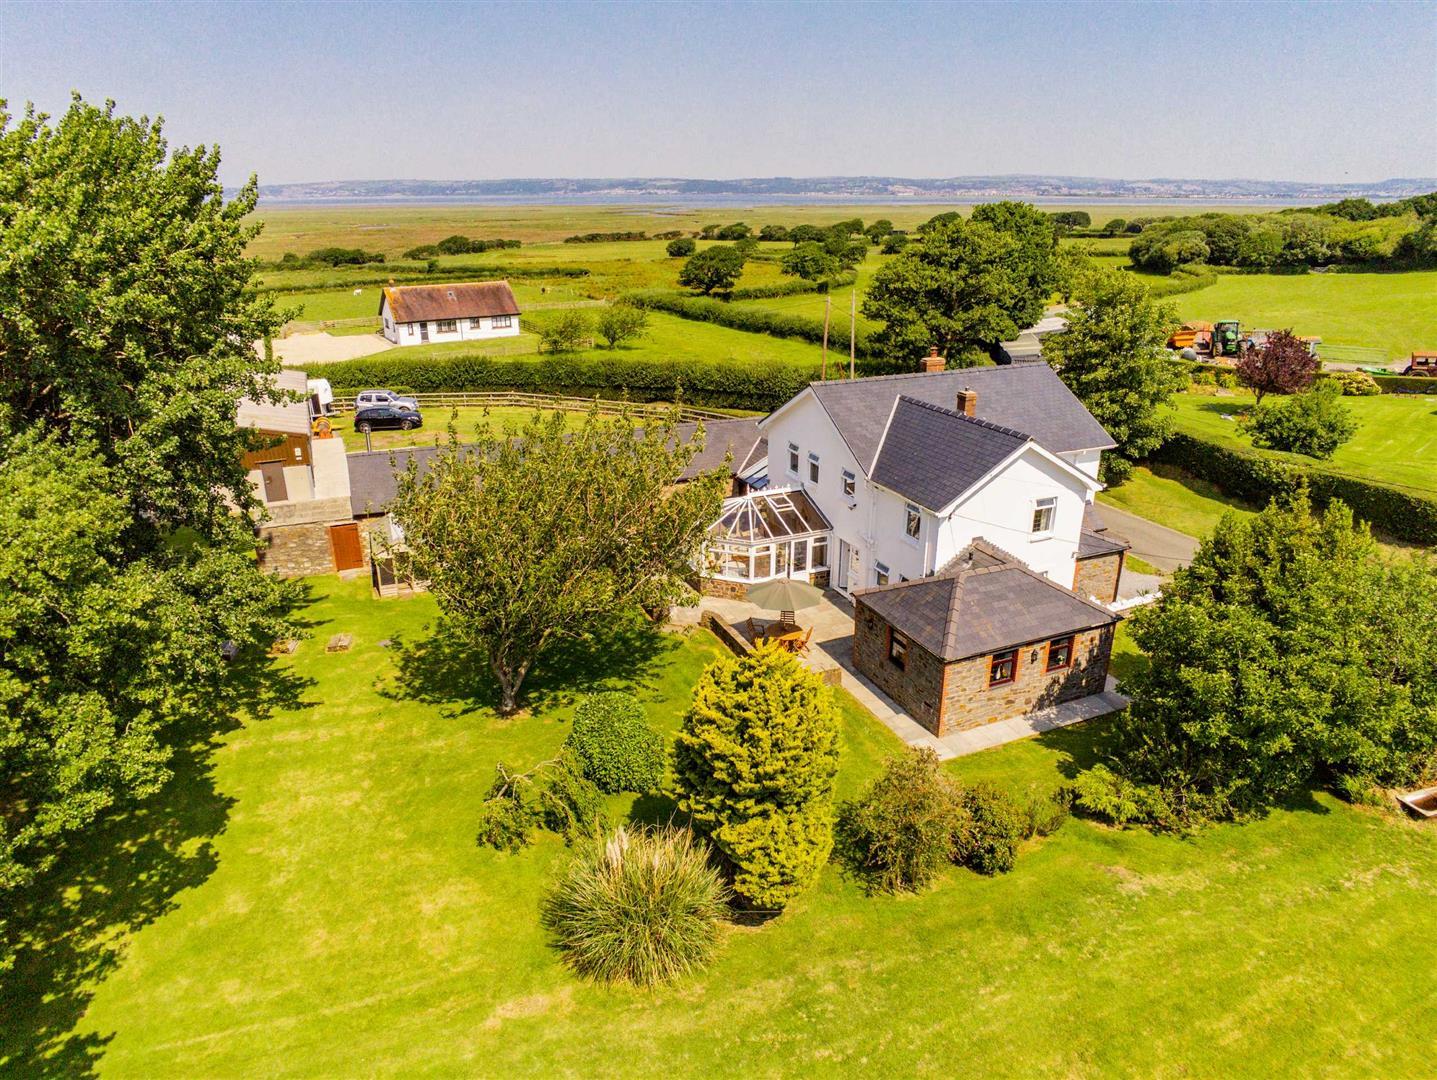 Little Wern Halog Farm, Llanrhidian, Gower, Swansea, SA3 1EU